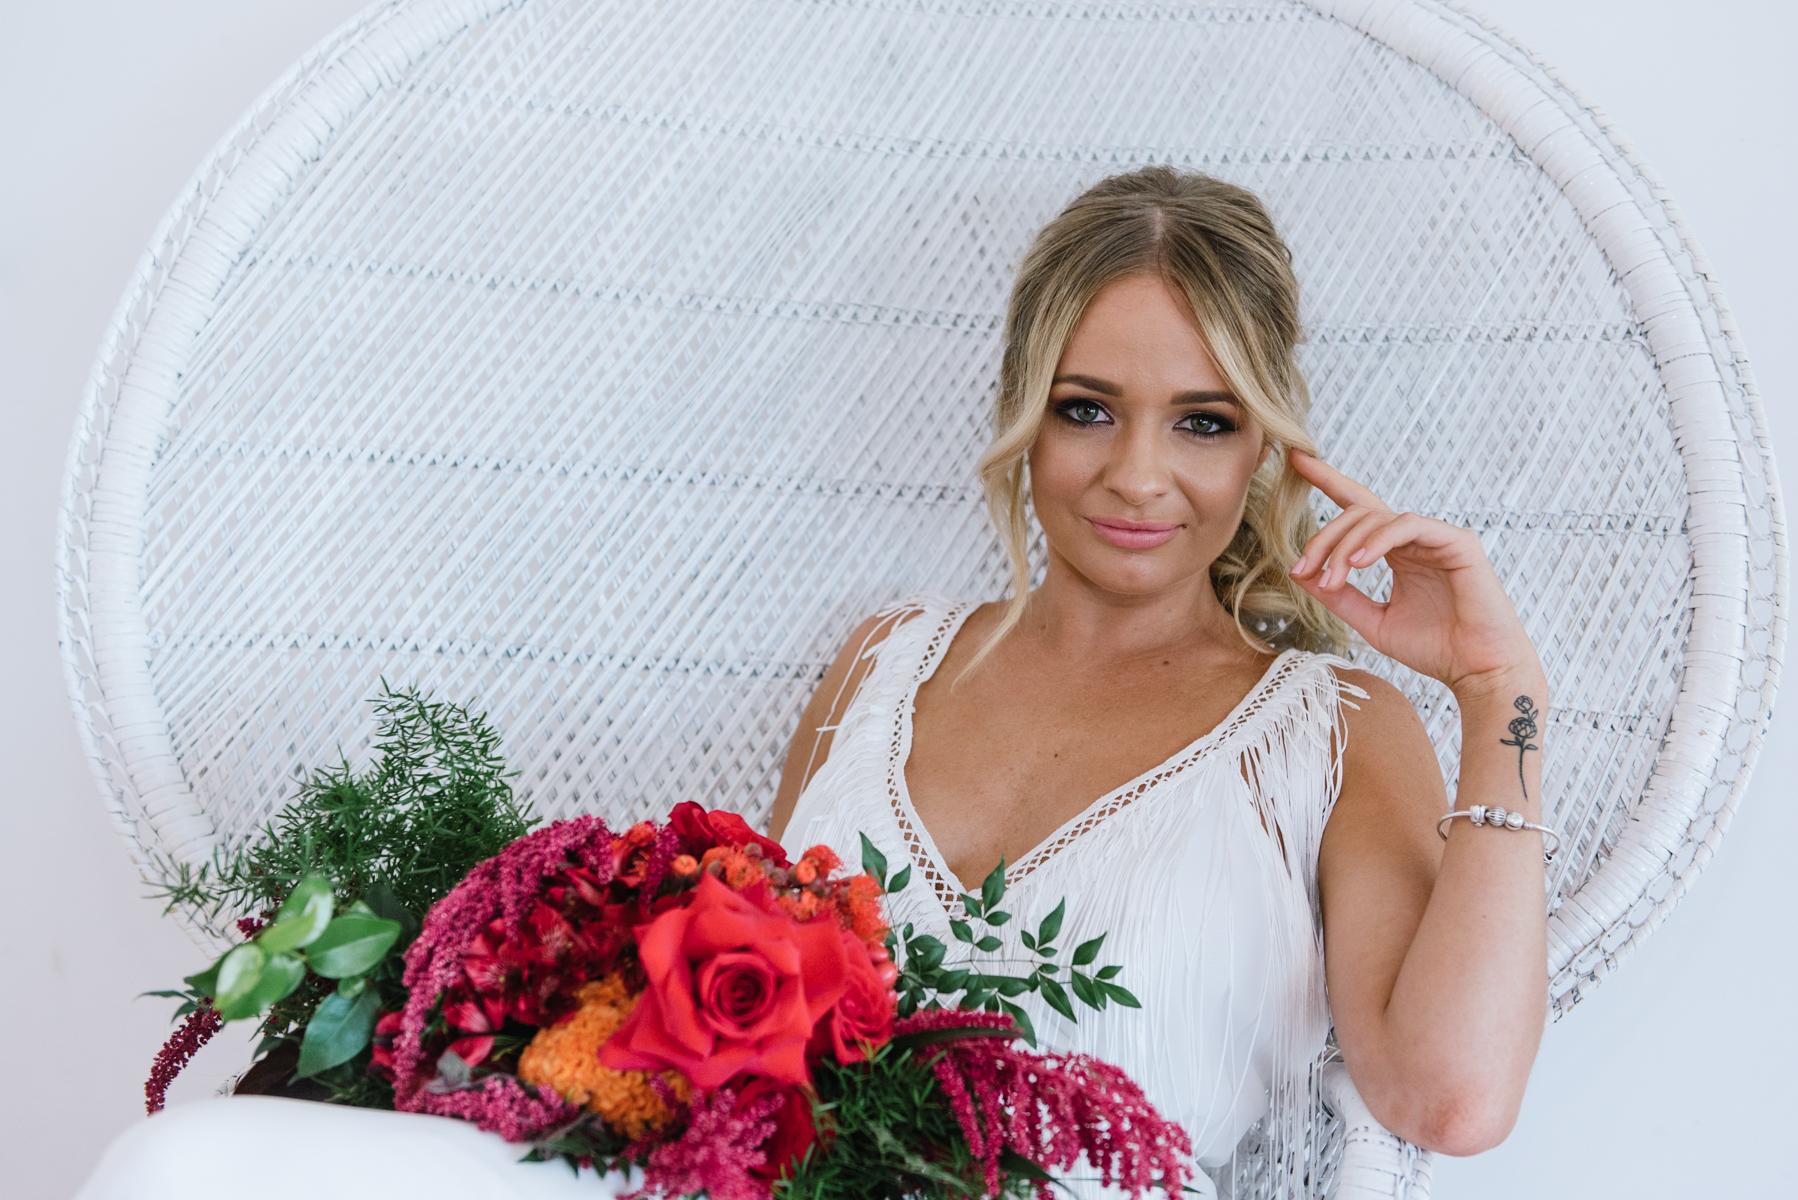 babalou-wedding- skyla sage photography weddings, families, byron bay,tweed coast,kingscliff,cabarita,gold coast-315.jpg